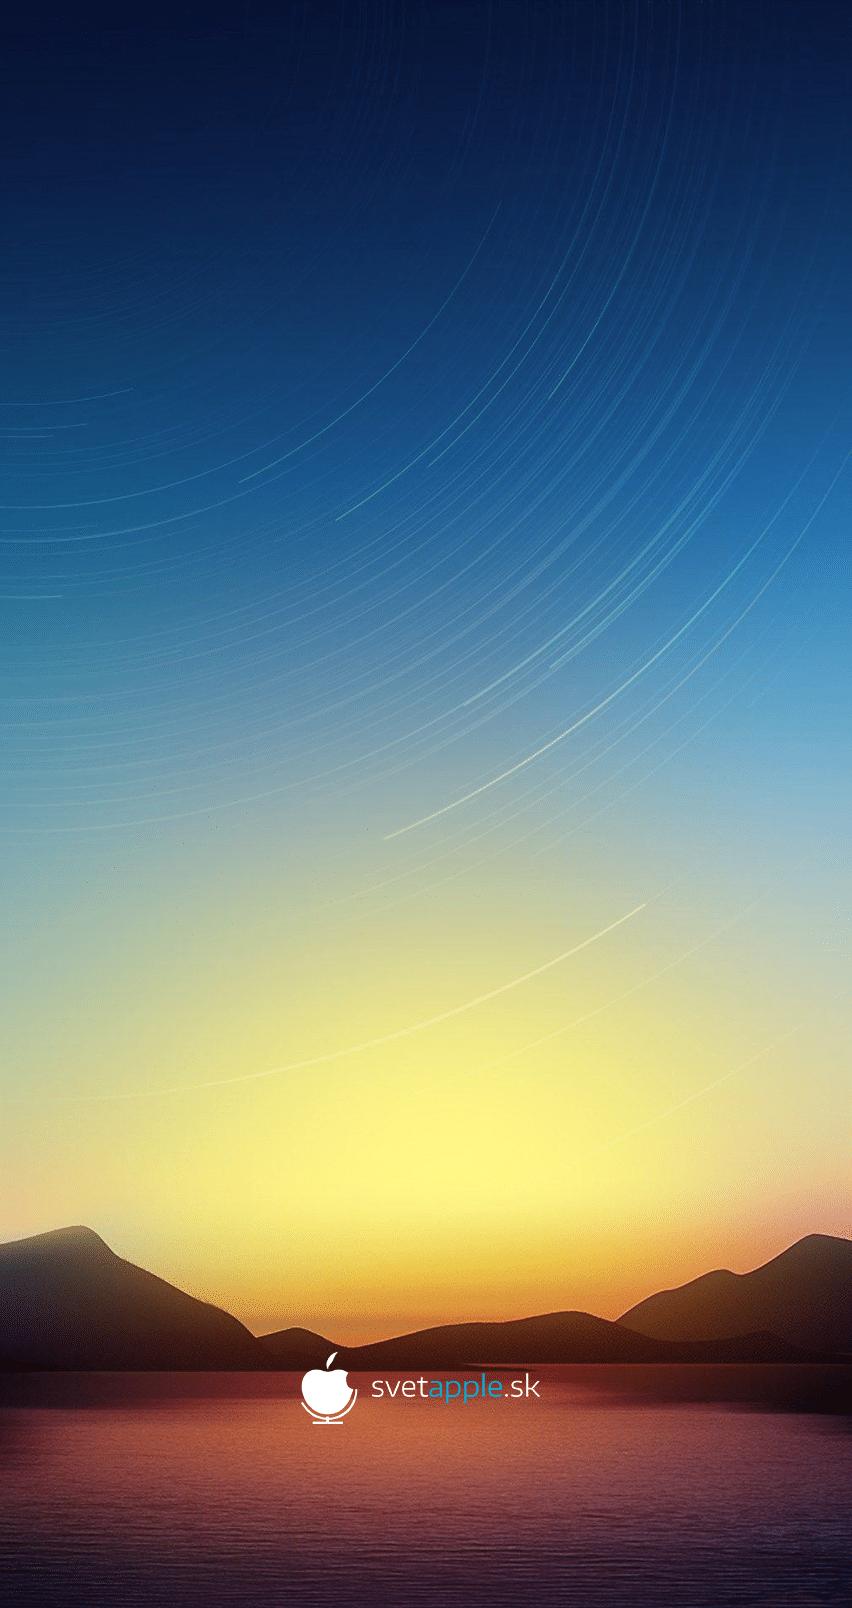 iPhone 6 - pozadie 1 - svetapple